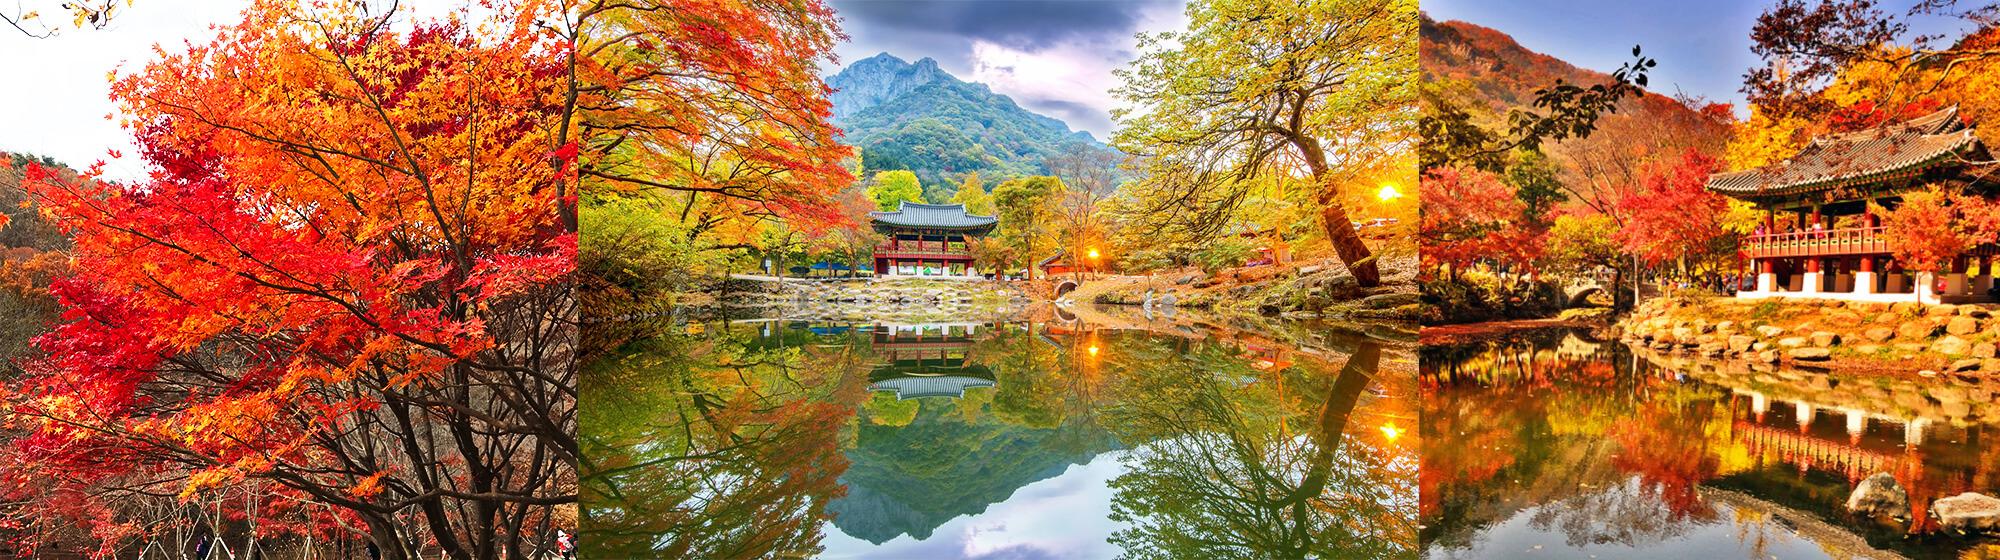 2020 Korea Fall Foliage) Mt. Naejangsan – Autumn 1Day Tour – From Seoul (Oct 25 – Nov 15) | KoreaTravelEasy